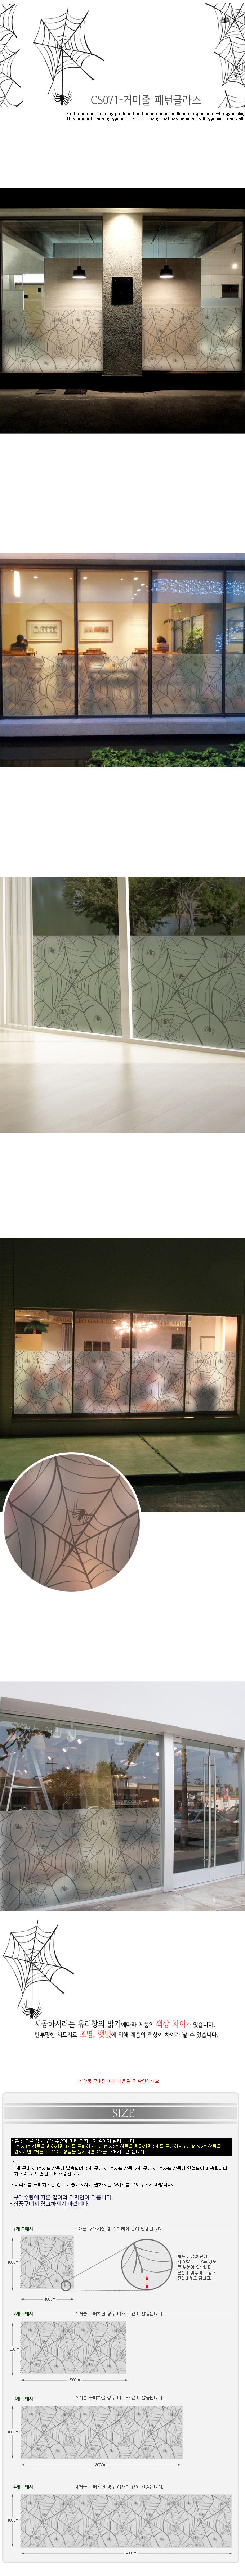 cs071-거미줄 패턴글라스_글라스시트지 - 꾸밈, 16,000원, 벽지/시트지, 패턴/무늬목 시트